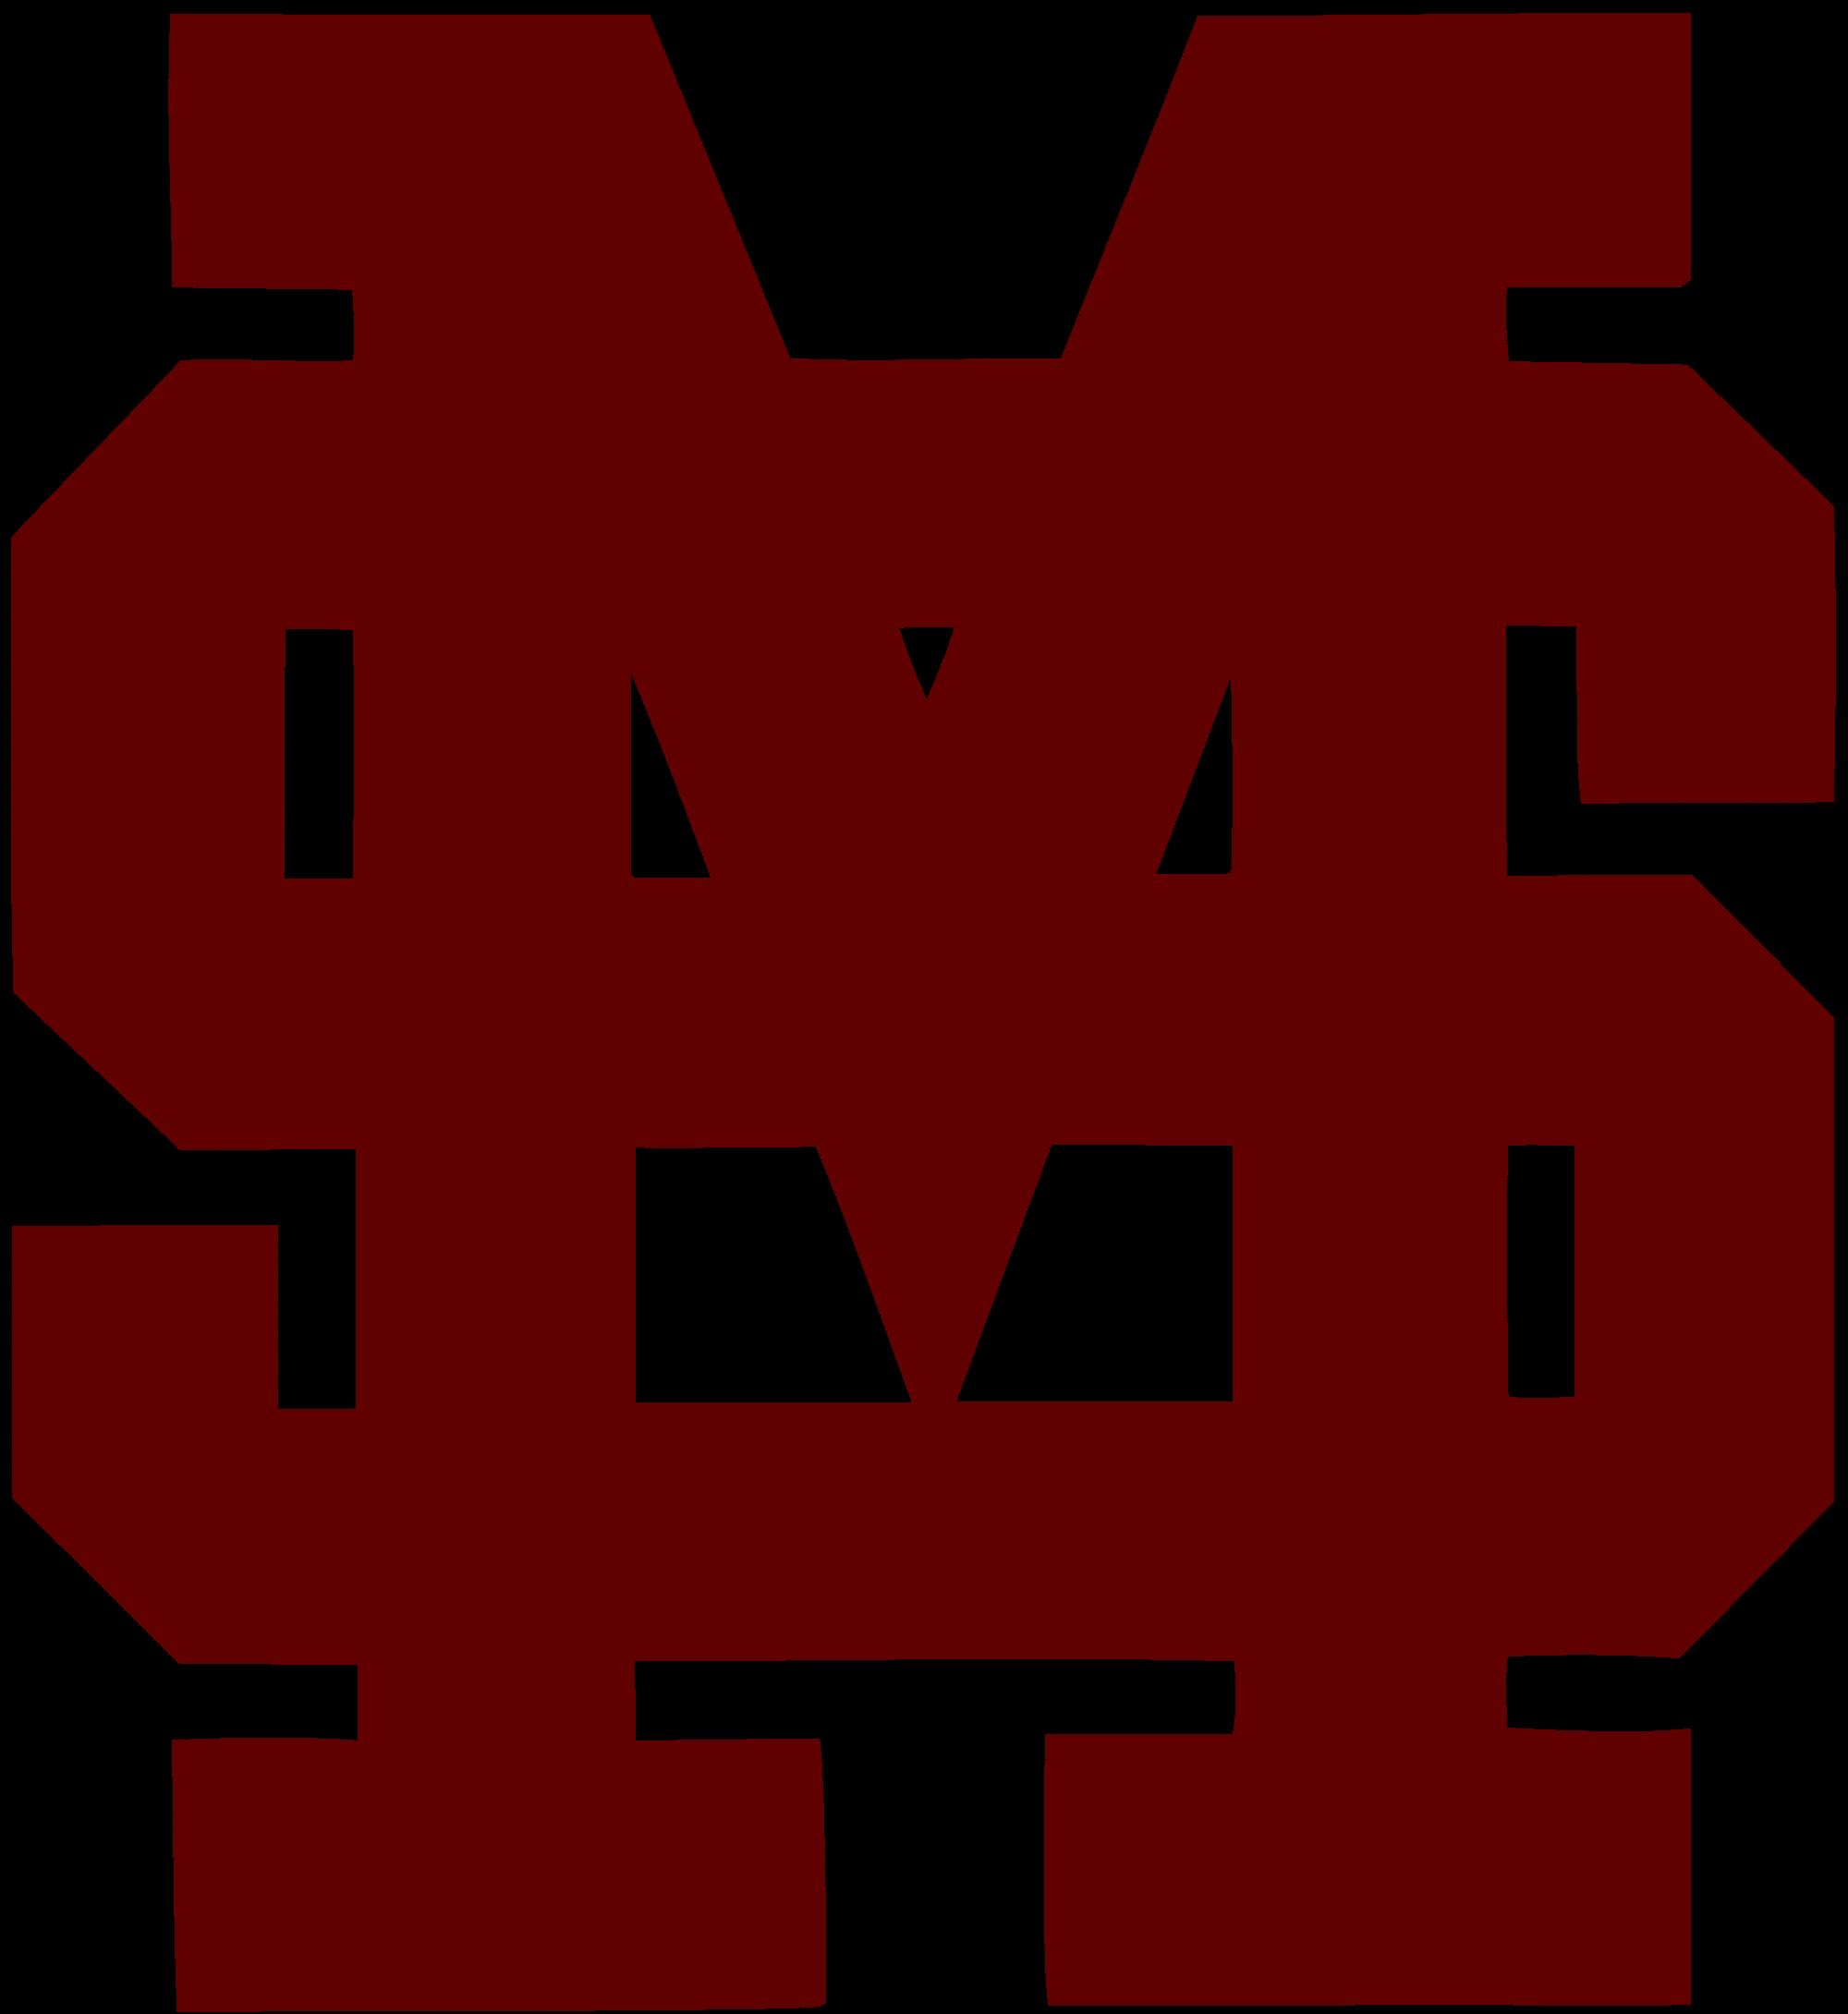 Clipart baseball monogram. File mississippi state bulldogs